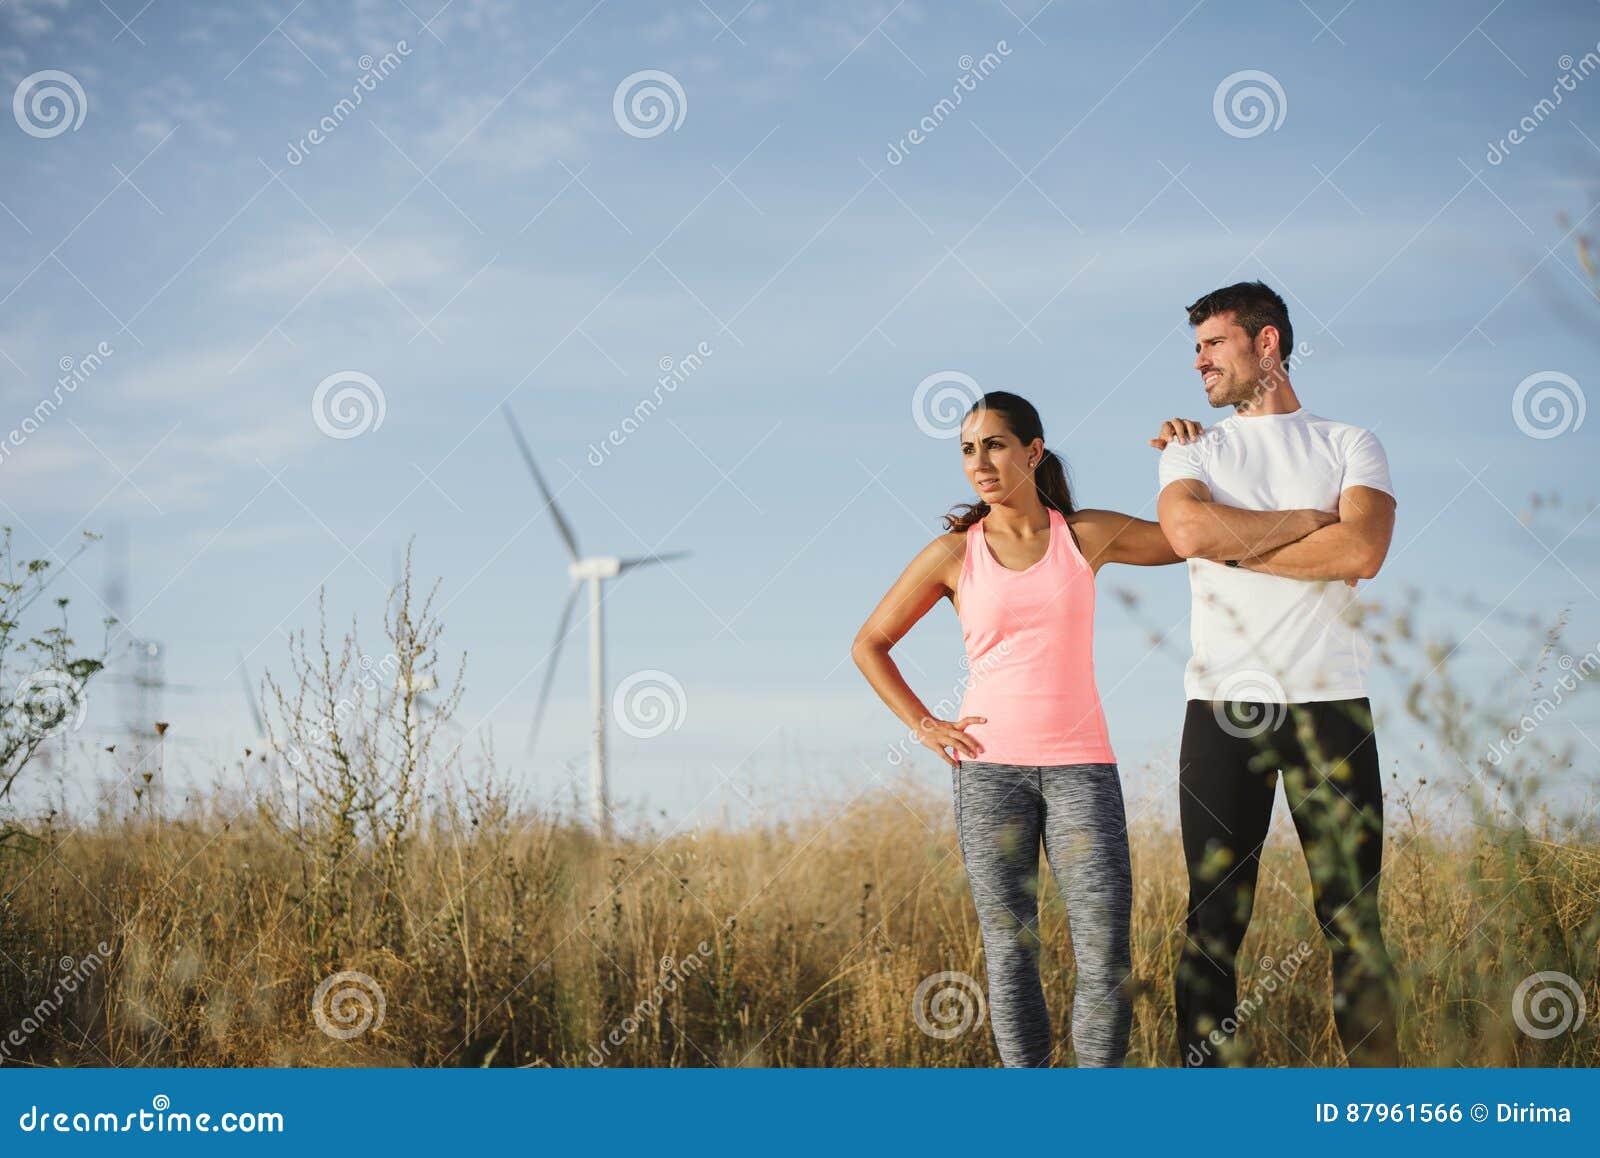 datazione di un Consiglio atleta il mio ex sta uscendo con qualcuno di nuovo, ma ancora mi ama